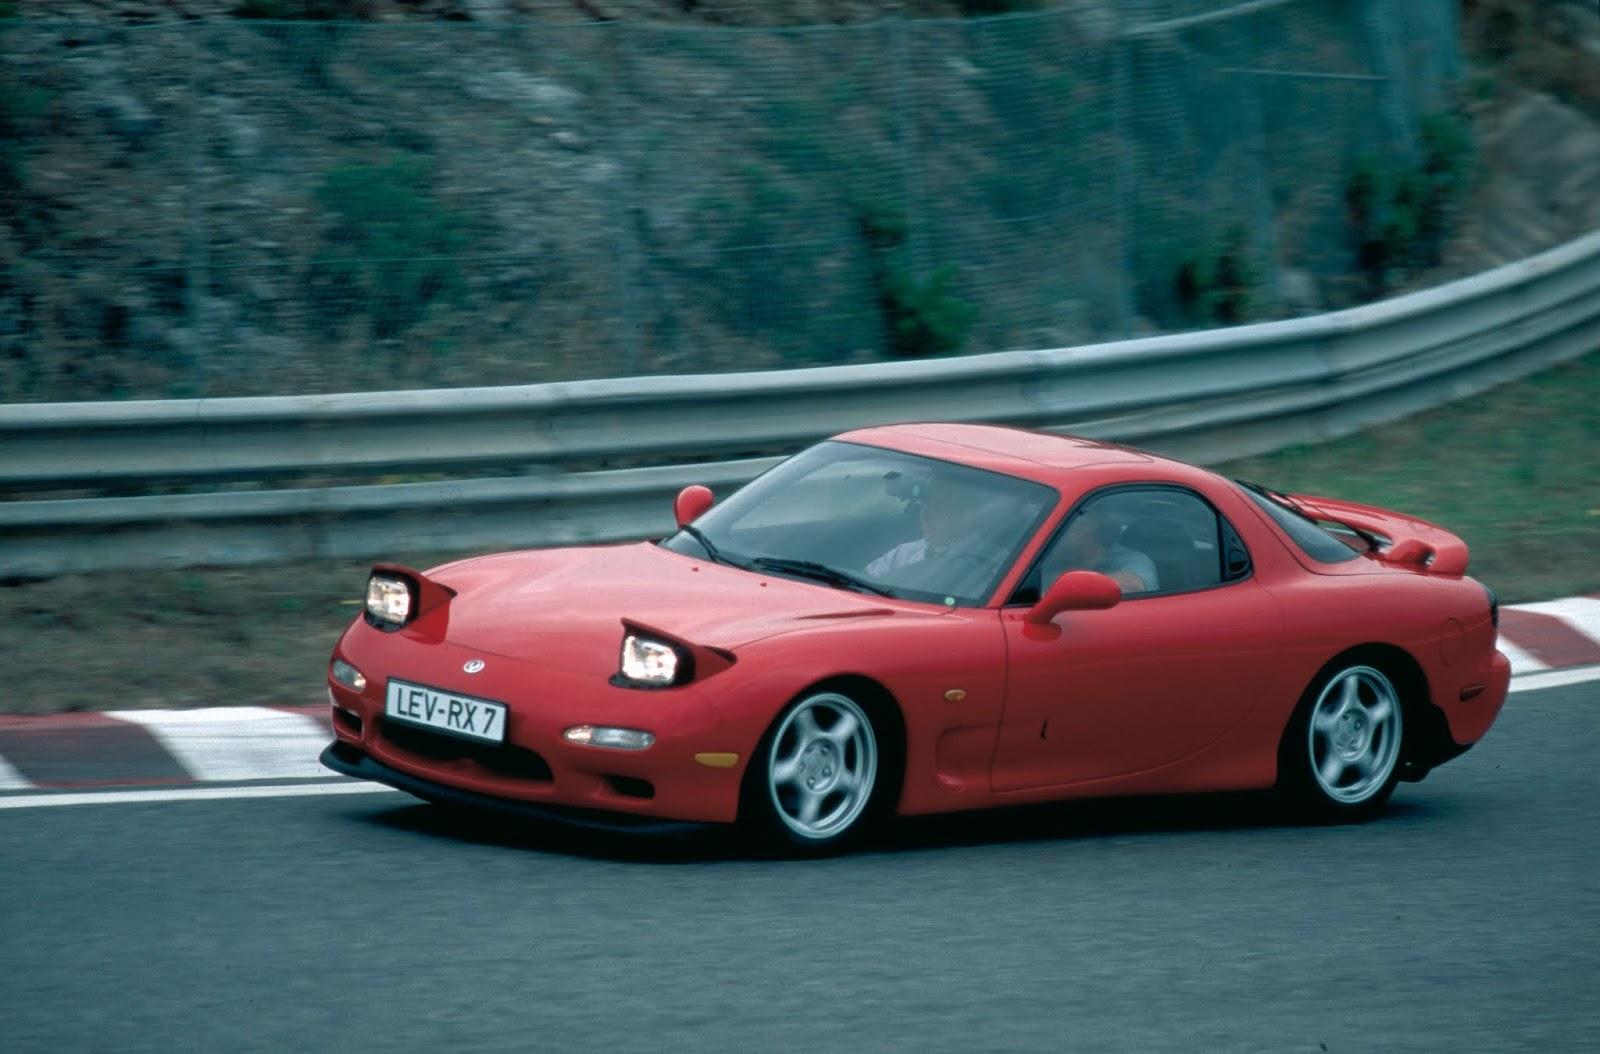 Mazda RX 7 Generation 3 1993 Mazda RX-7. Επαναπροσδιορίζοντας την οδηγική απόλαυση μέσω του περιστροφικού κινητήρα Mazda, Mazda RX-7, Rotary, RX7, Wankel, zblog